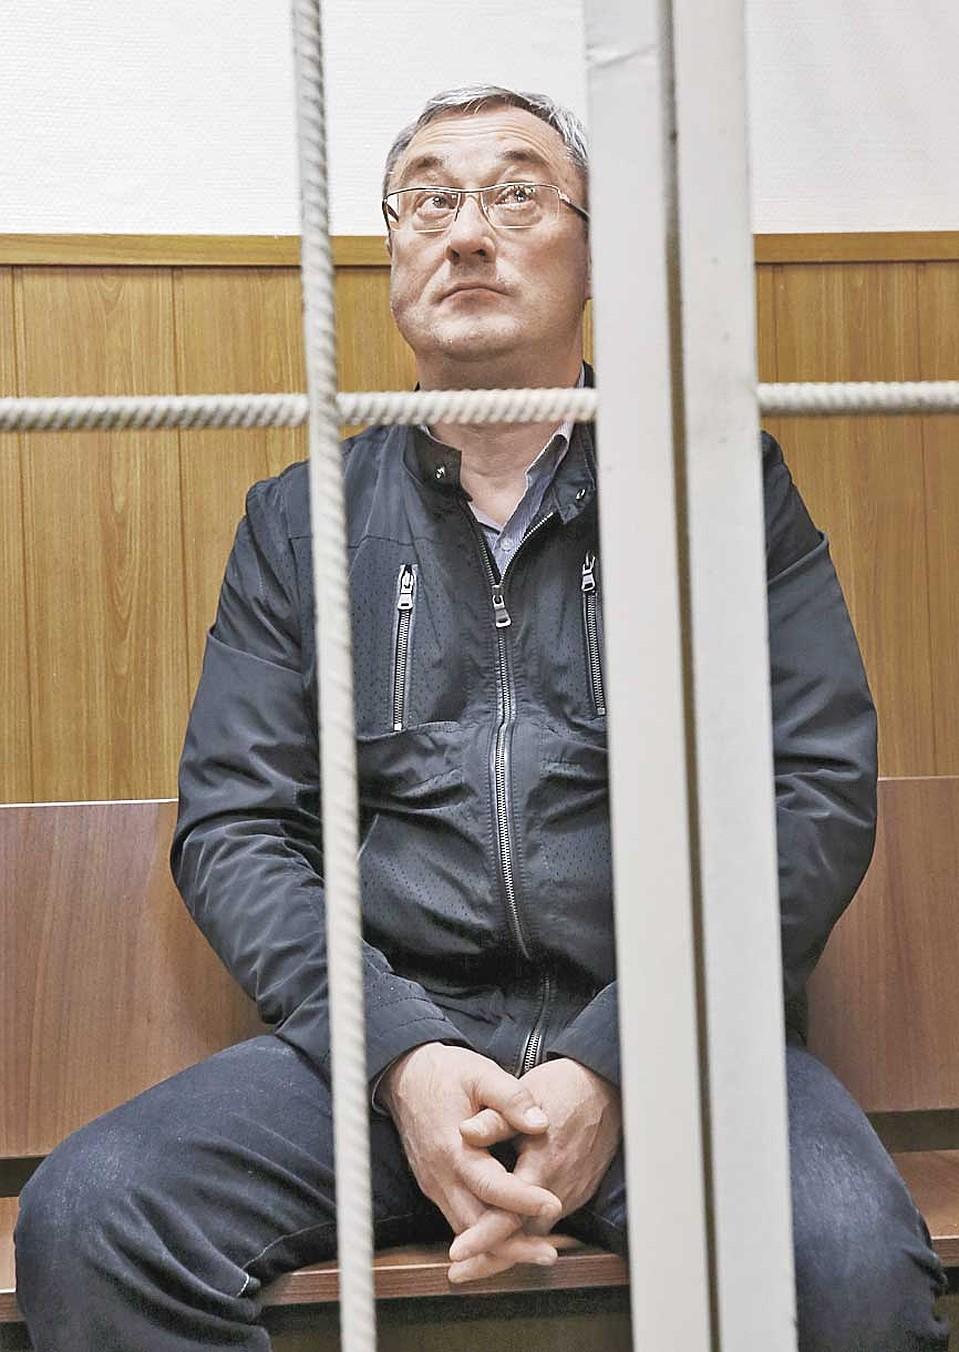 Бывший глава Коми Вячеслав Гайзер уже в колонии - срок пошел. Фото: ТАСС